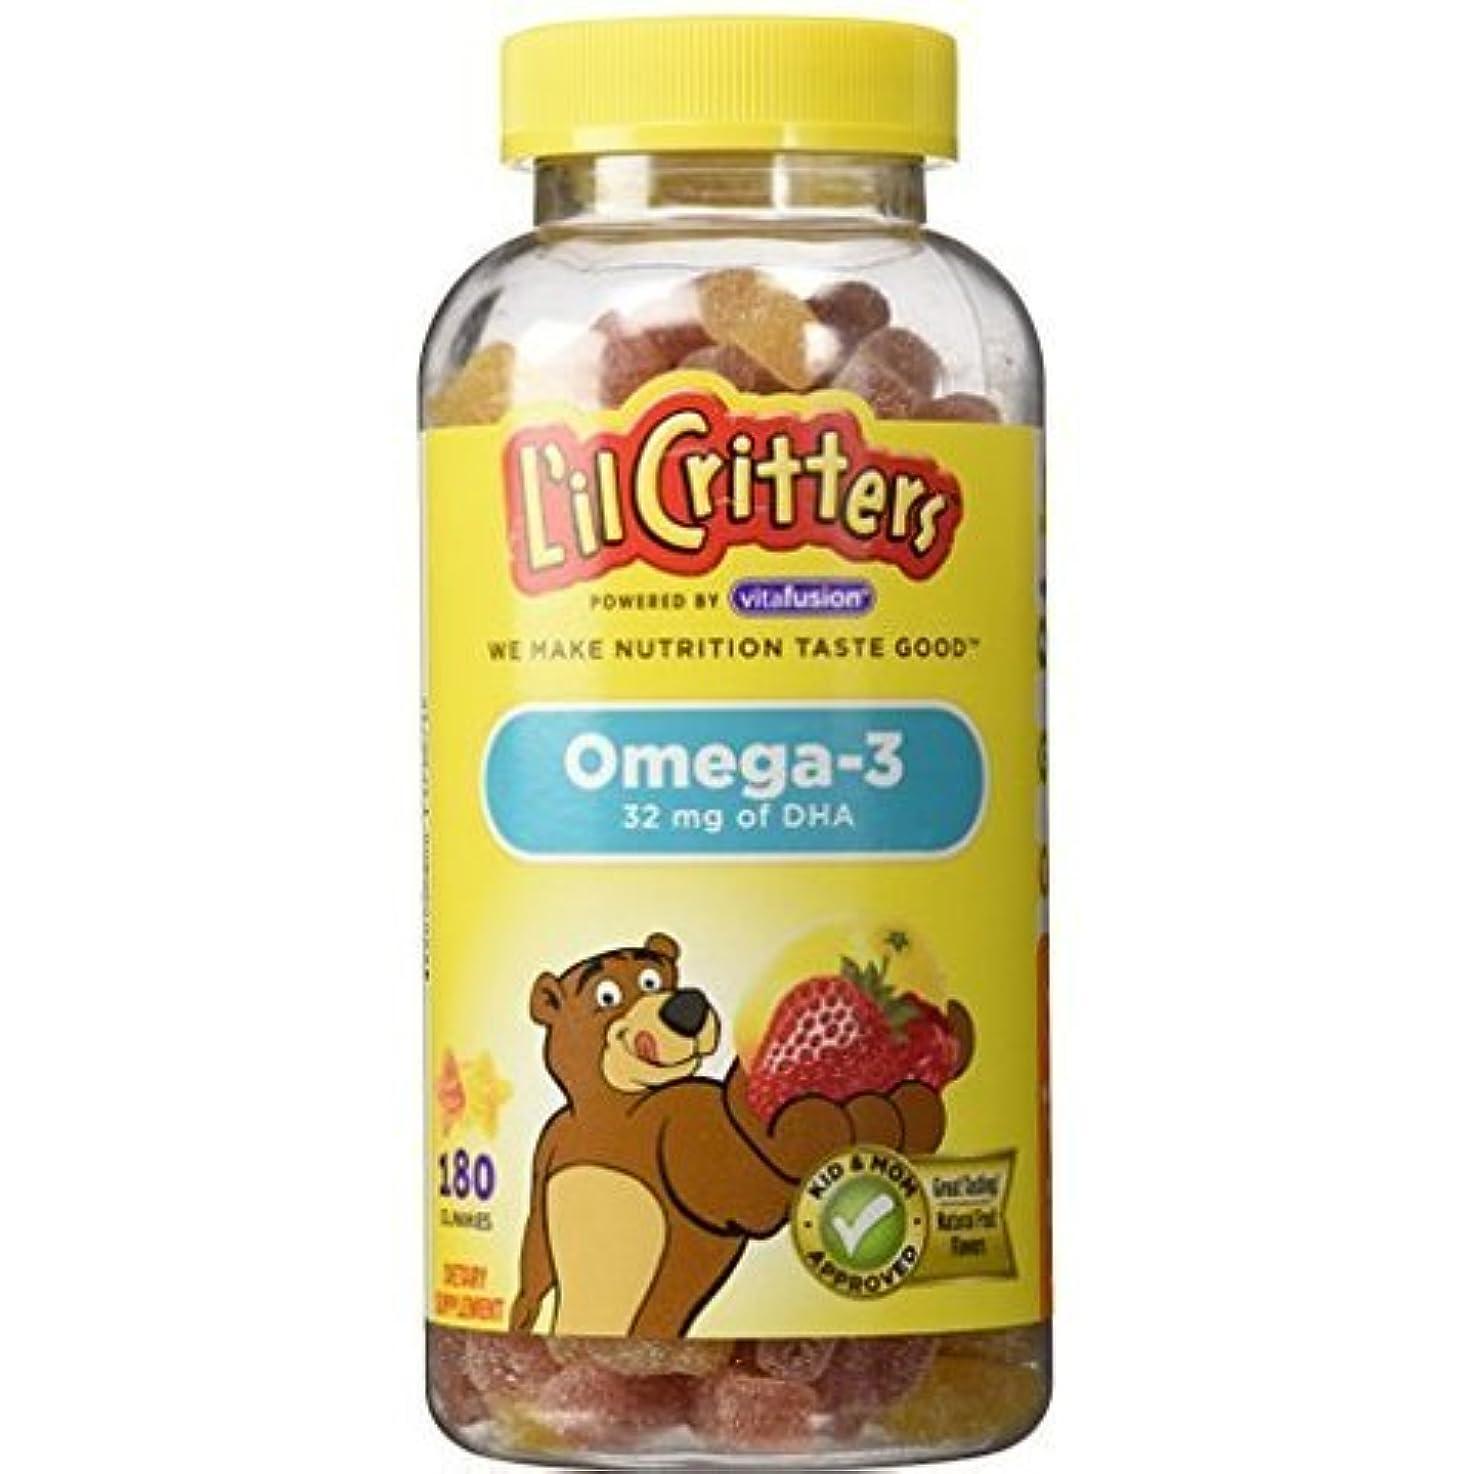 シャツ面積検証L'il Critters クルクリターズ 子供用ビタミングミ オメガ3 DHA 180粒 [並行輸入品]